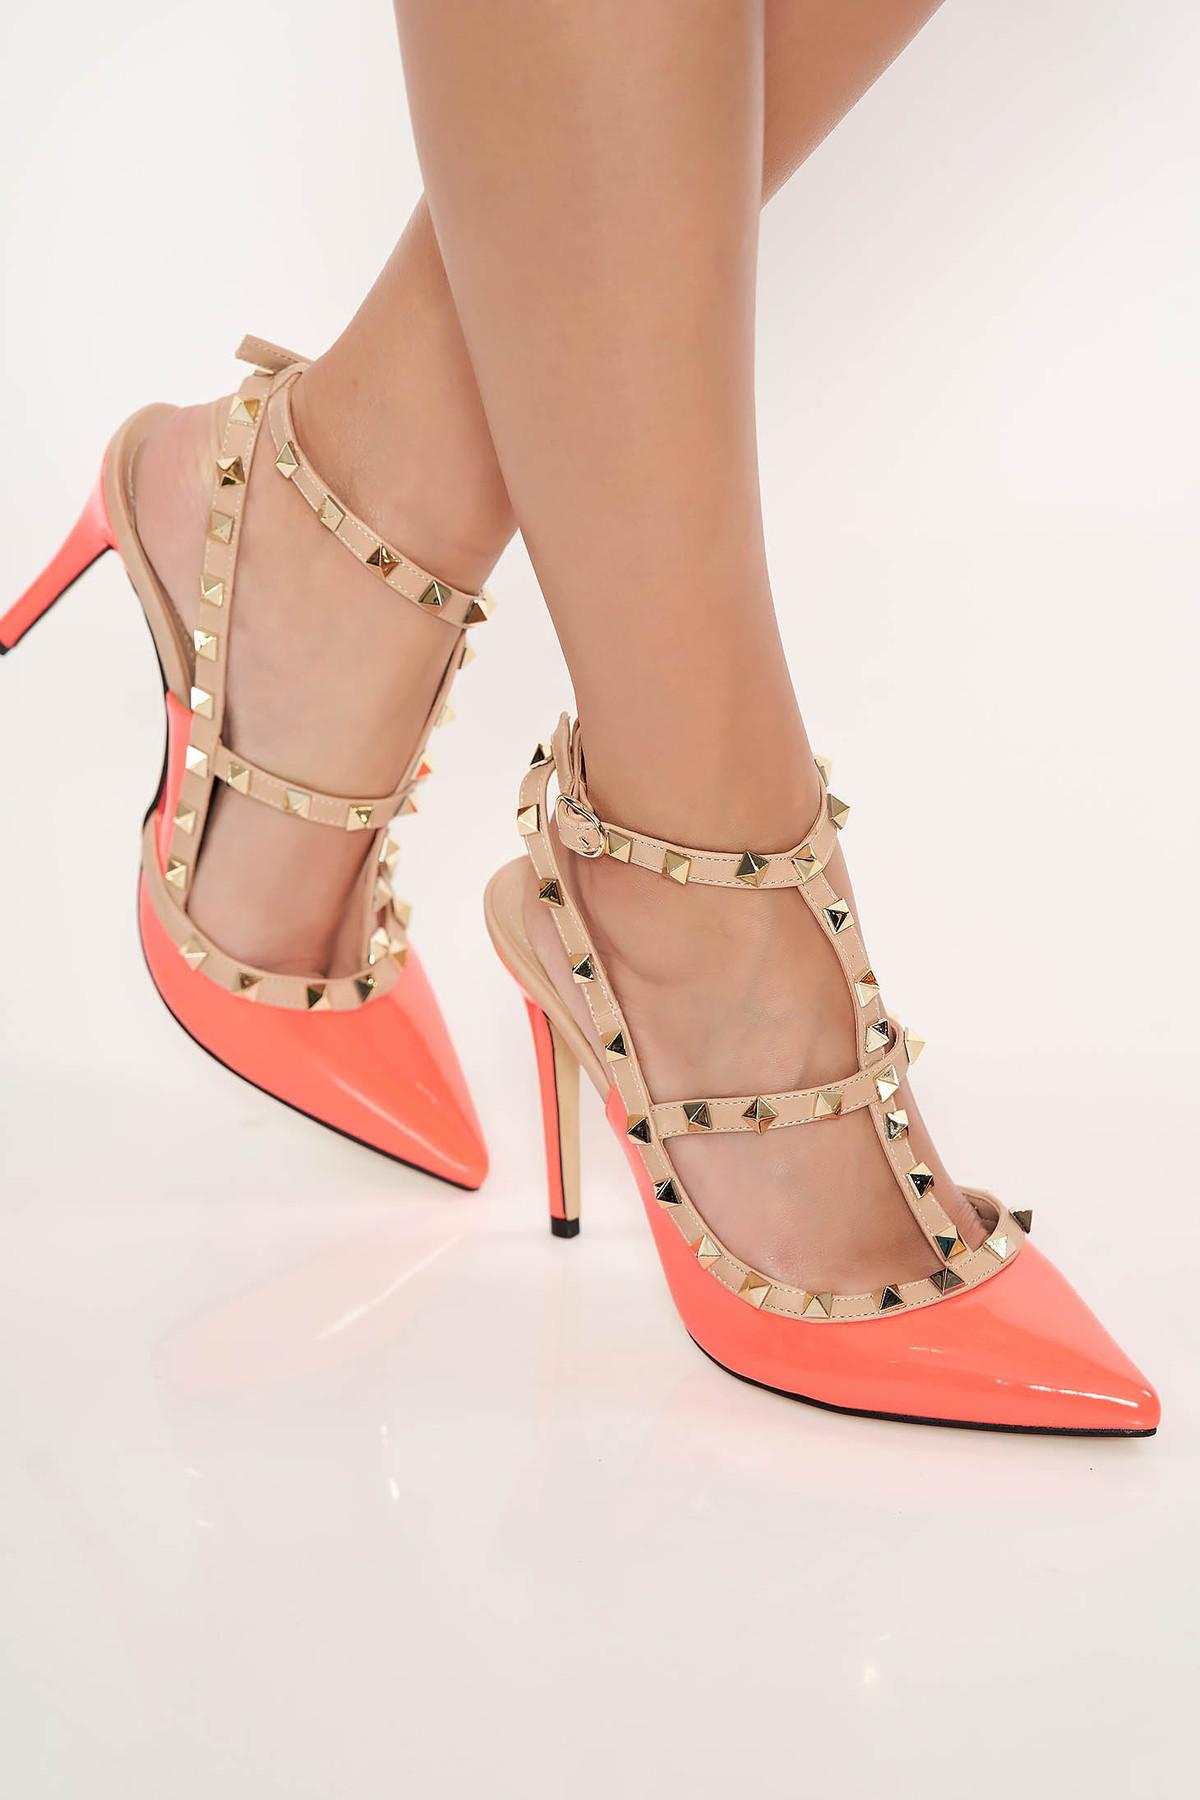 Pantofi stiletto corai cu toc inalt din piele ecologica lacuita cu tinte metalice